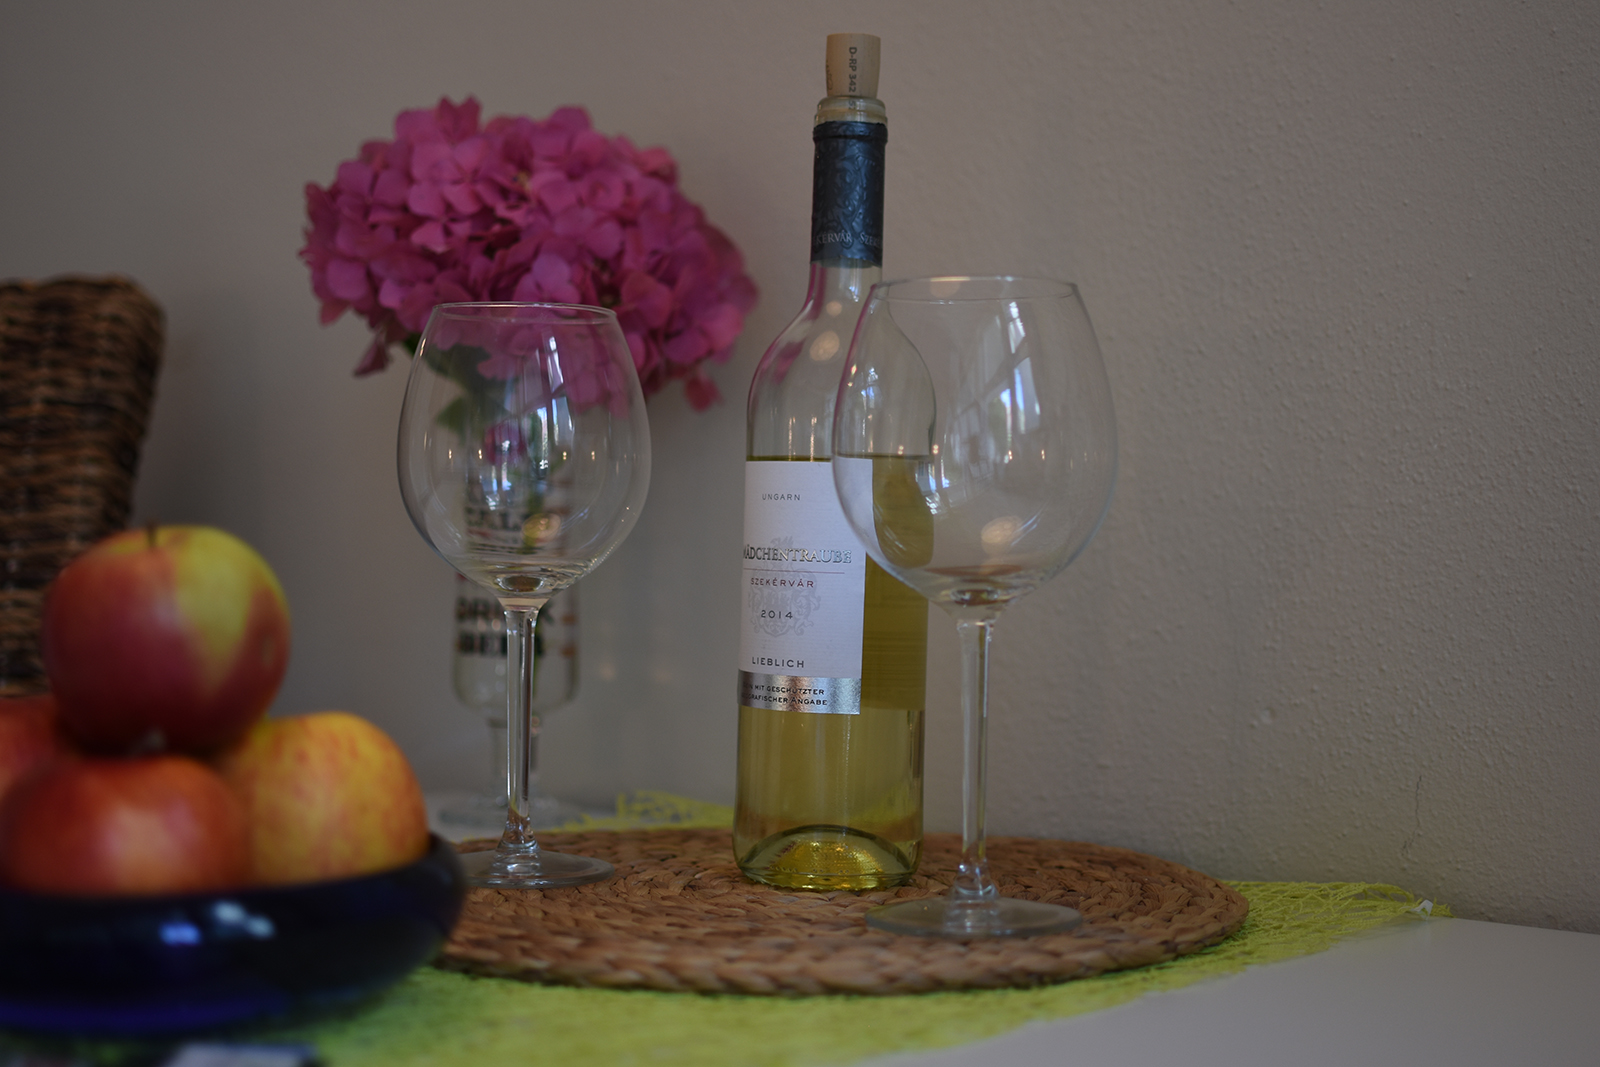 Ferienwohnung am Bodensee: City Appartement - Wein